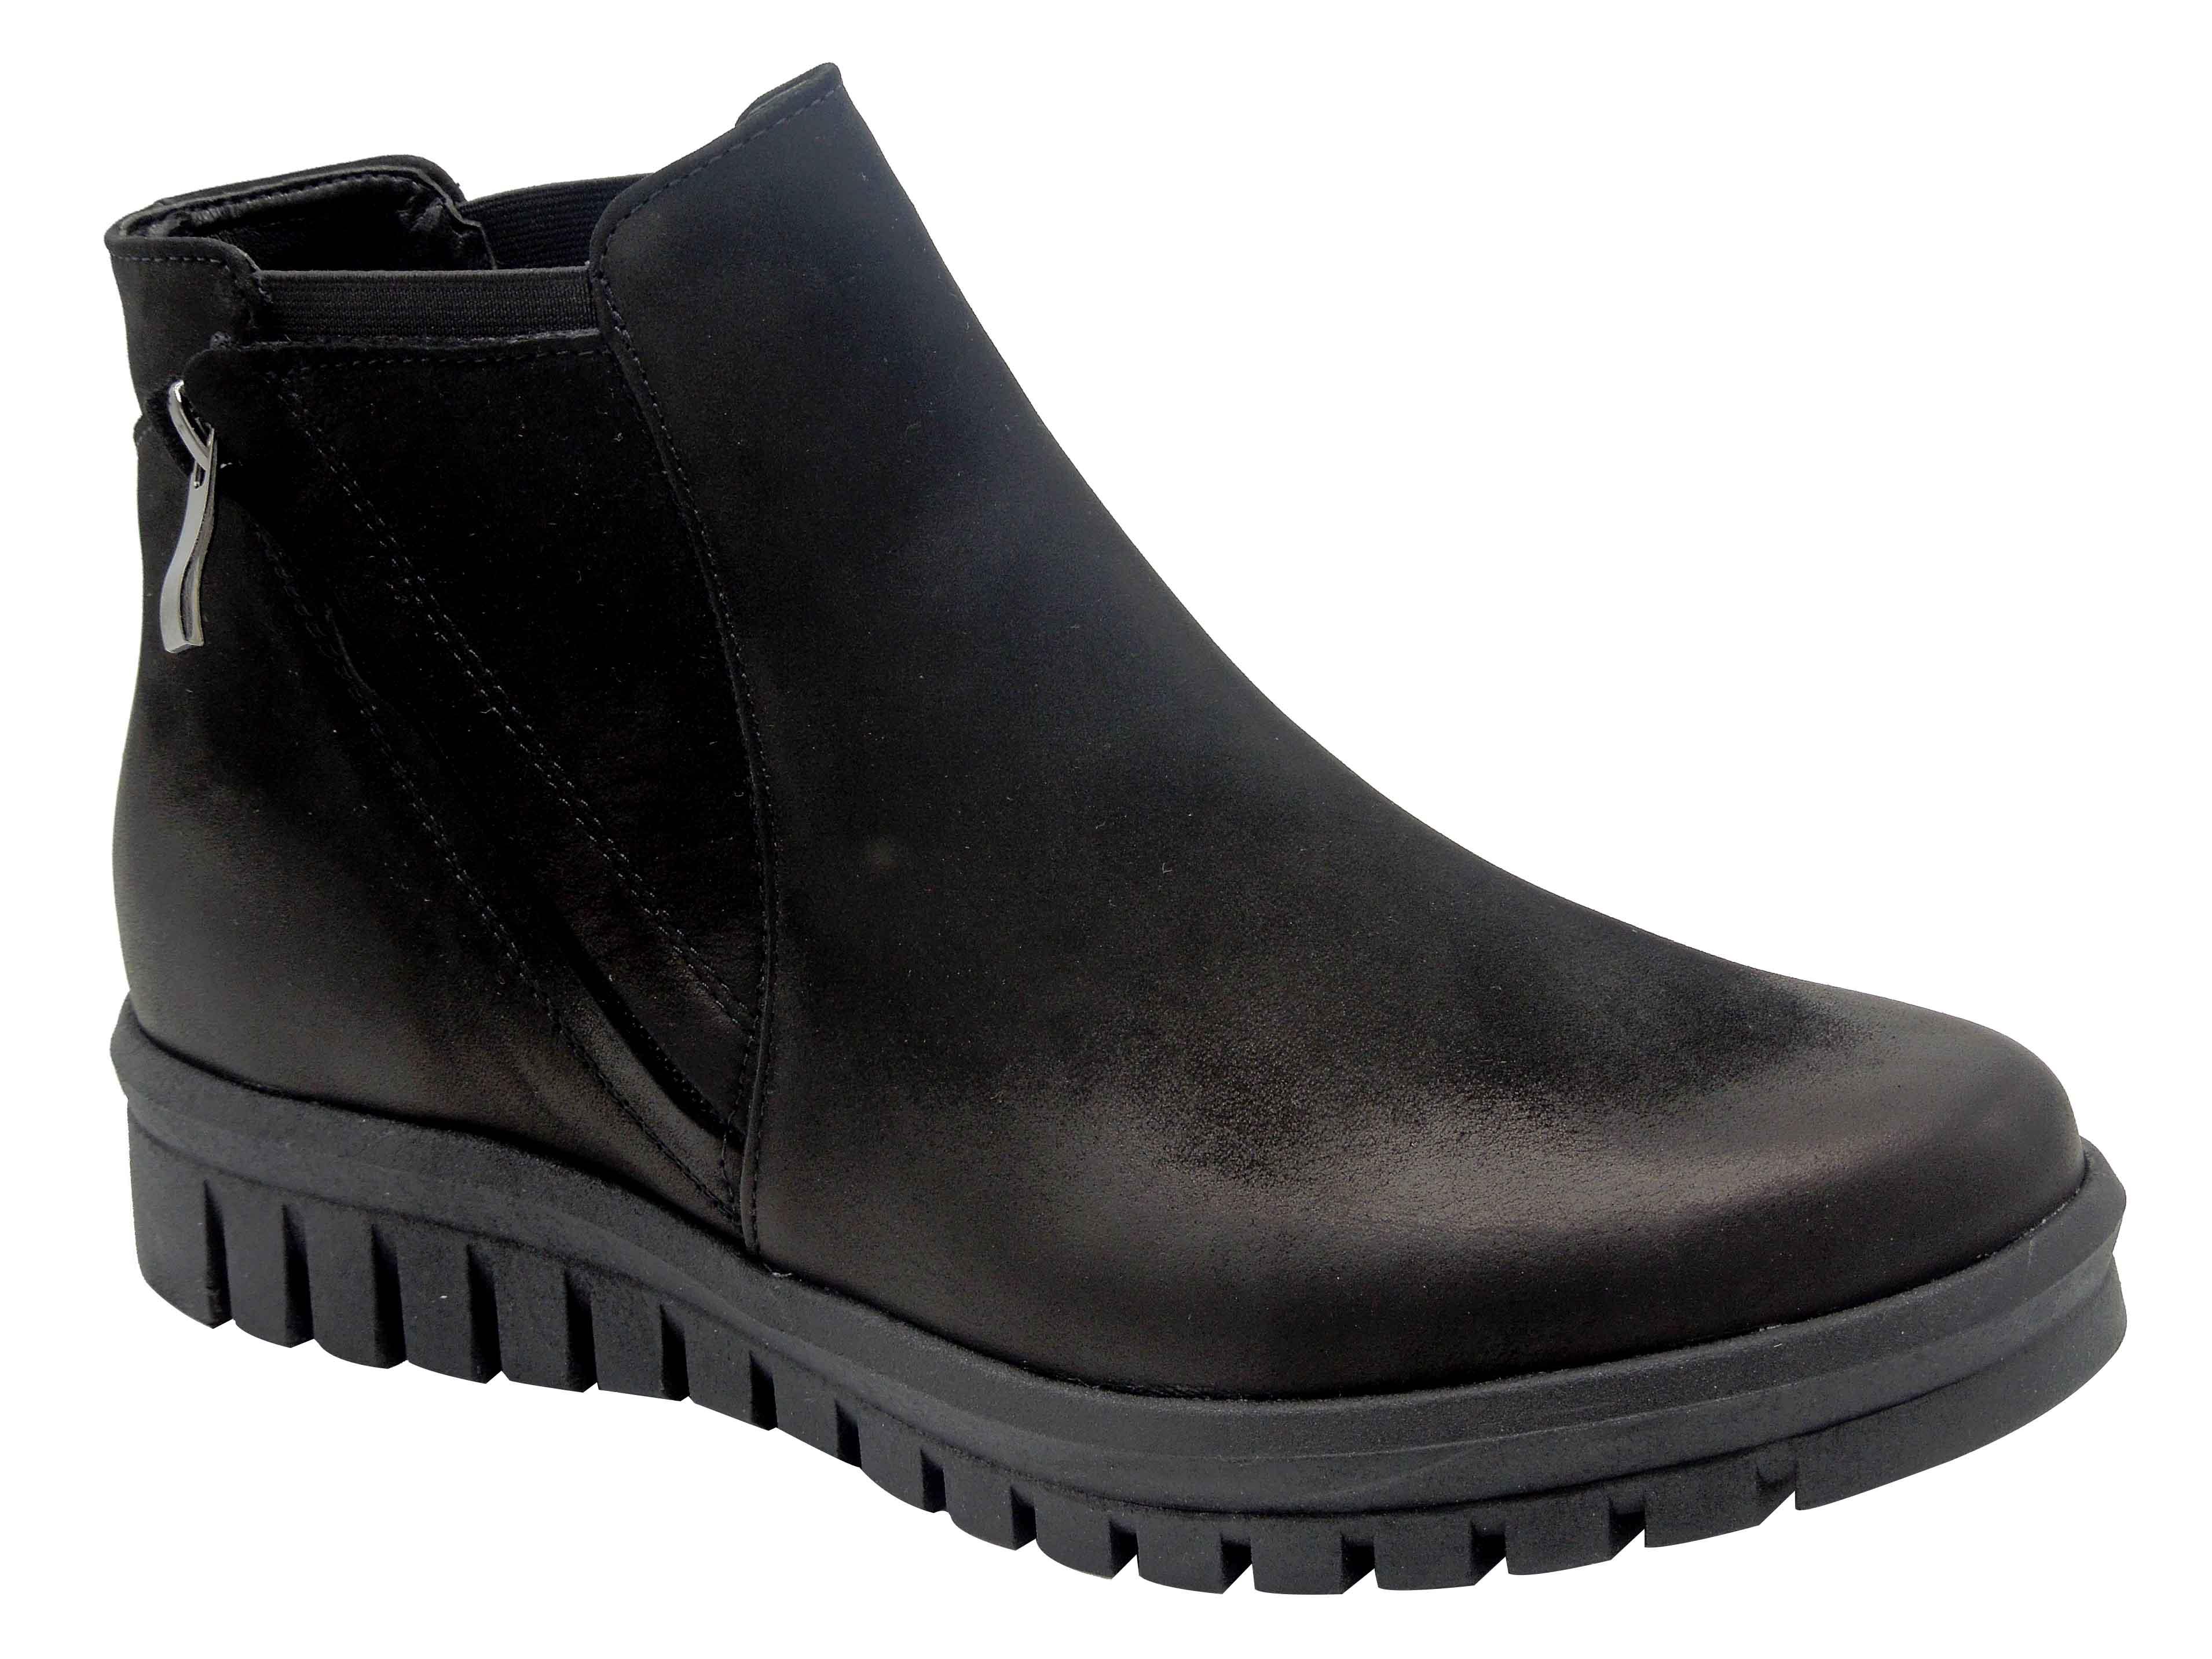 b627d8e74906 Dámská kotníková obuv zimní HJ3880 černá.